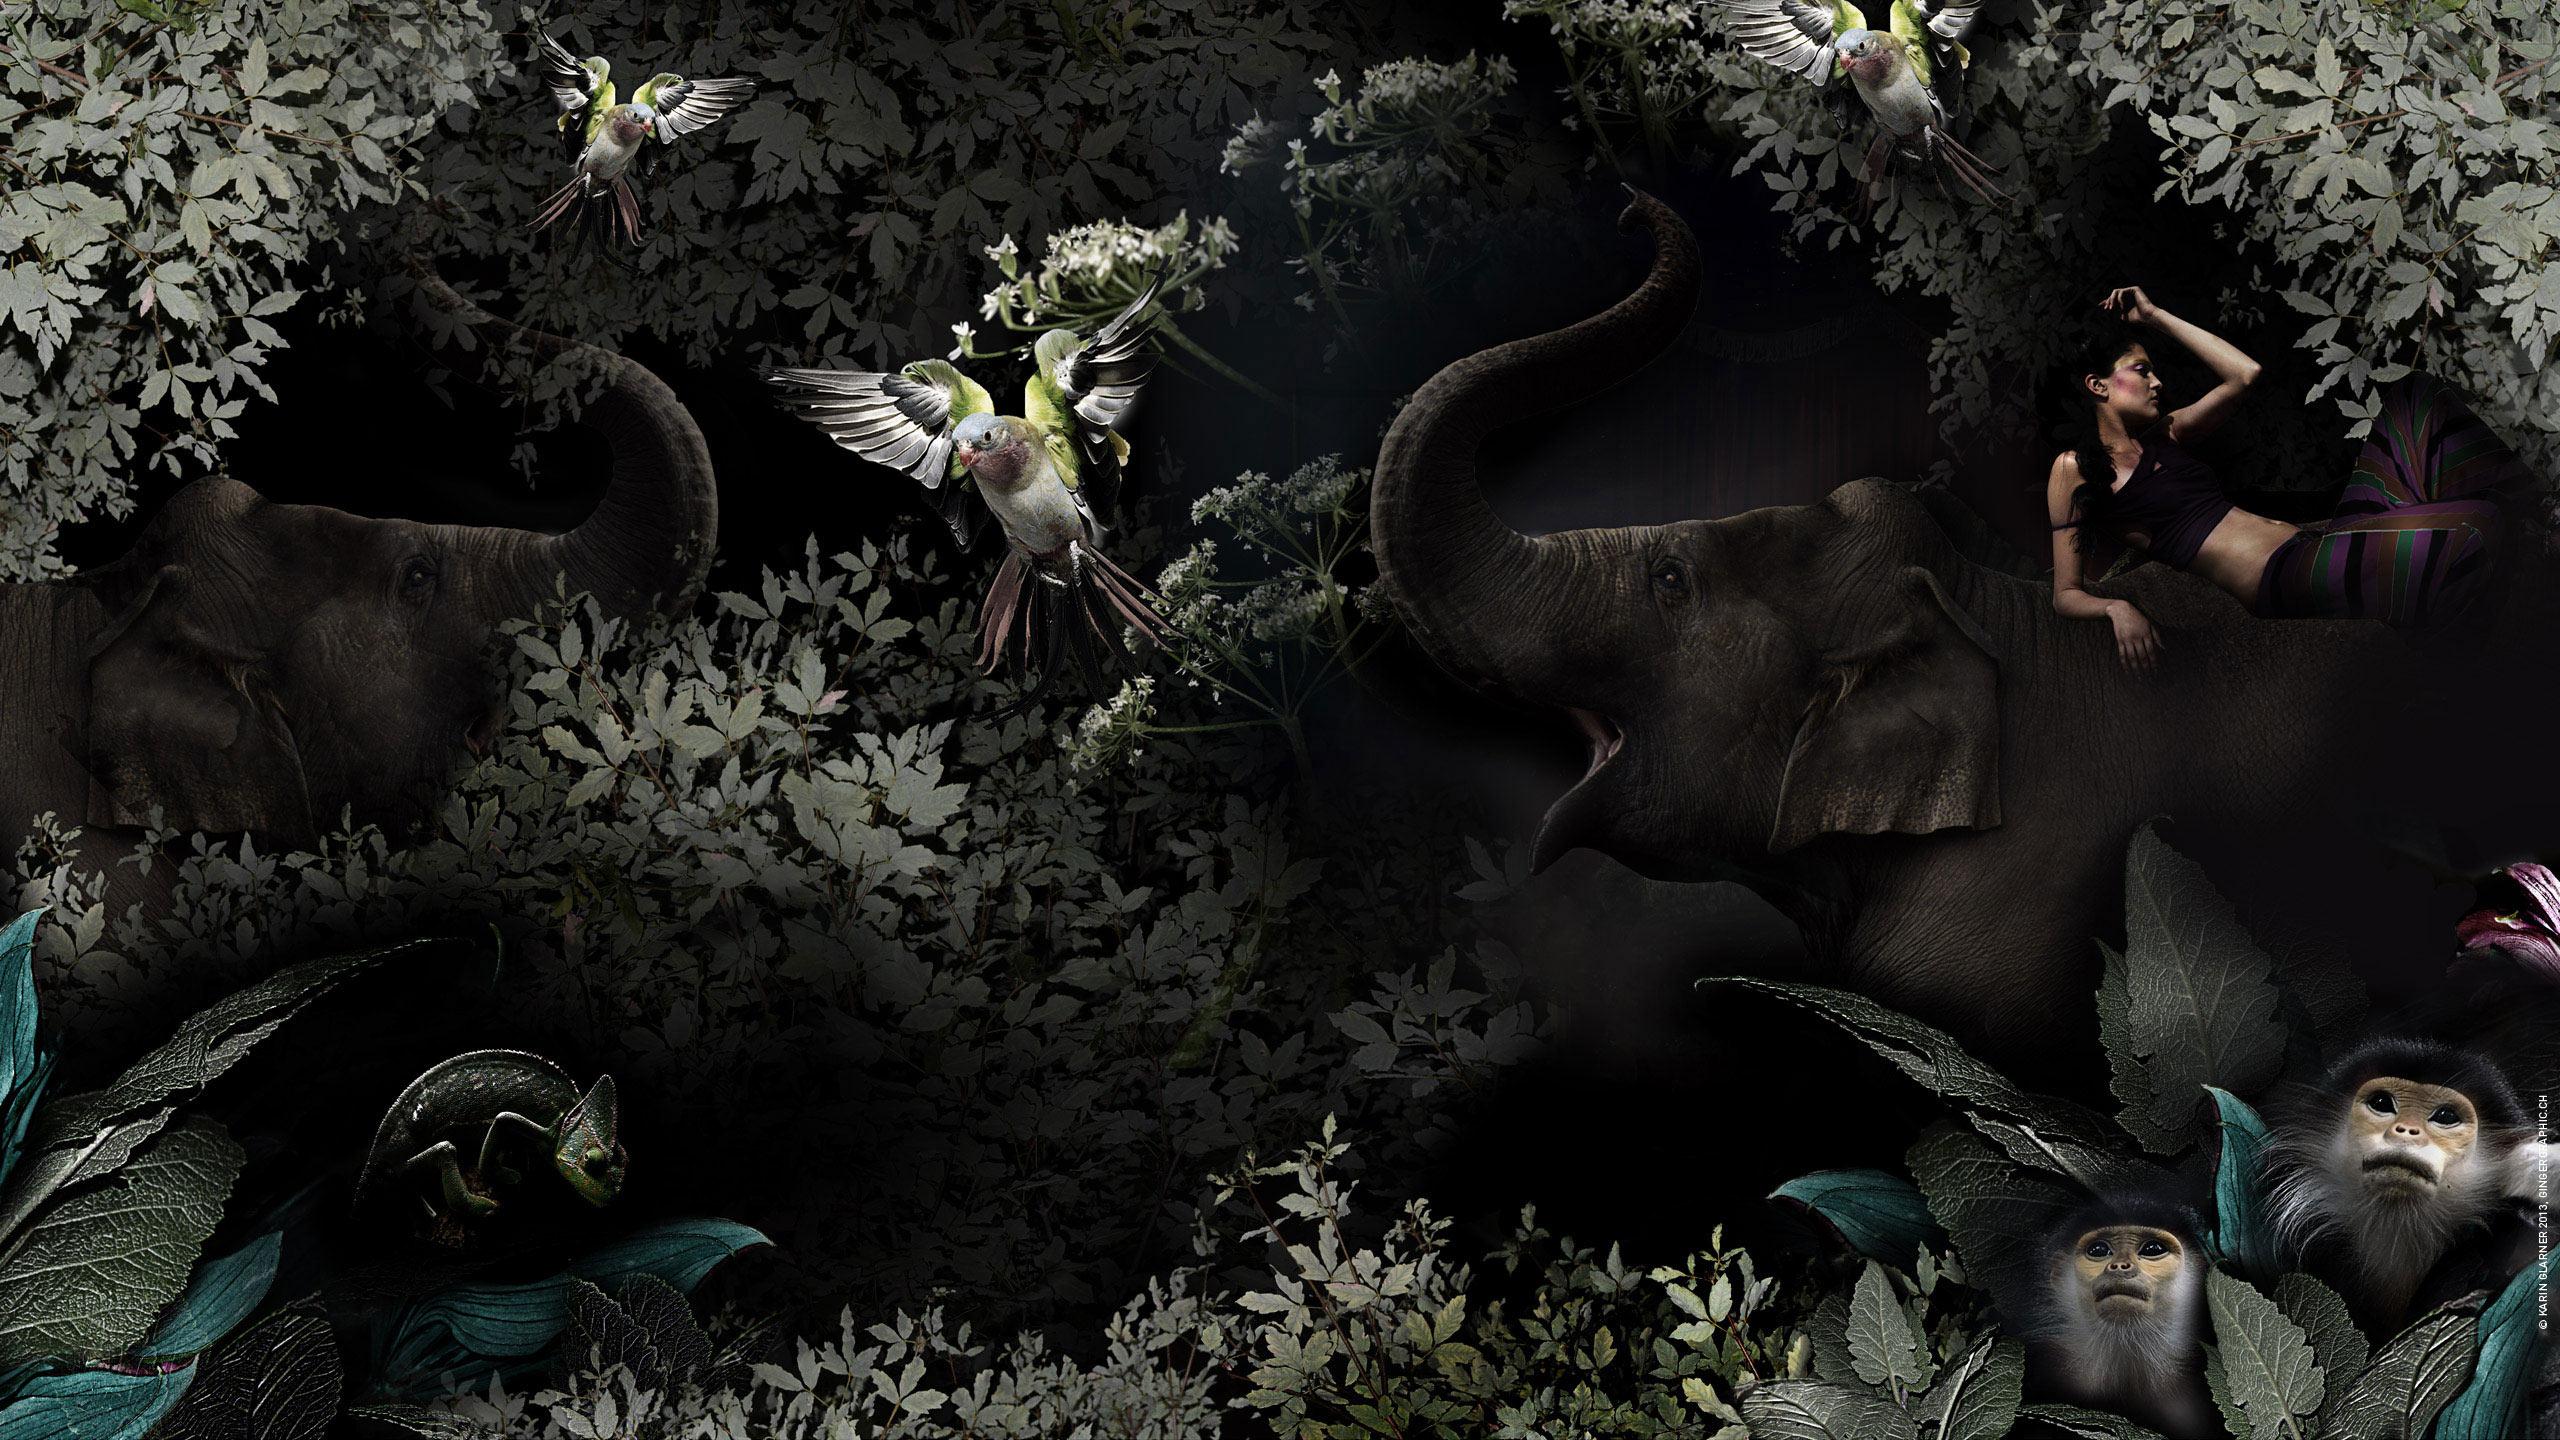 a22_elefant_ginger_copyrightkglarner_